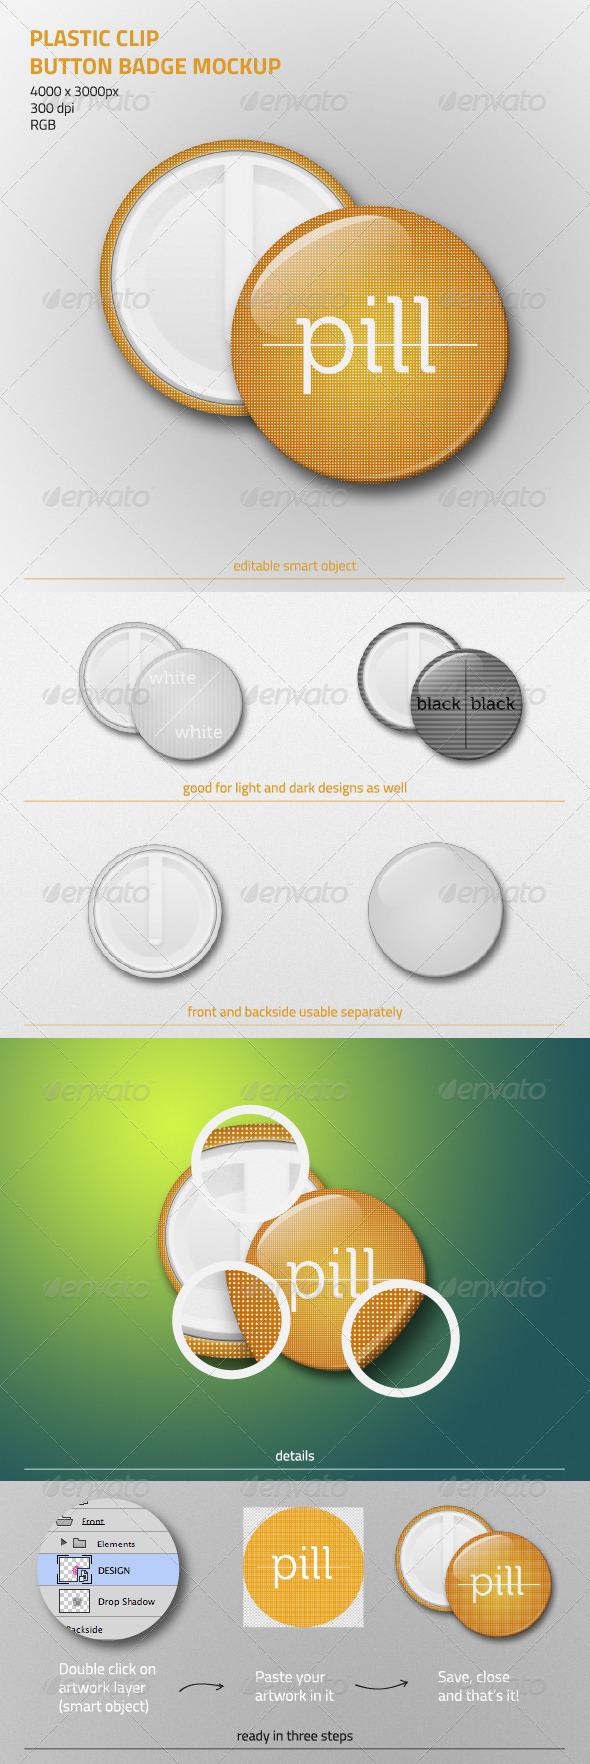 GraphicRiver Plastic Clip Button Badge Mockup 5926476